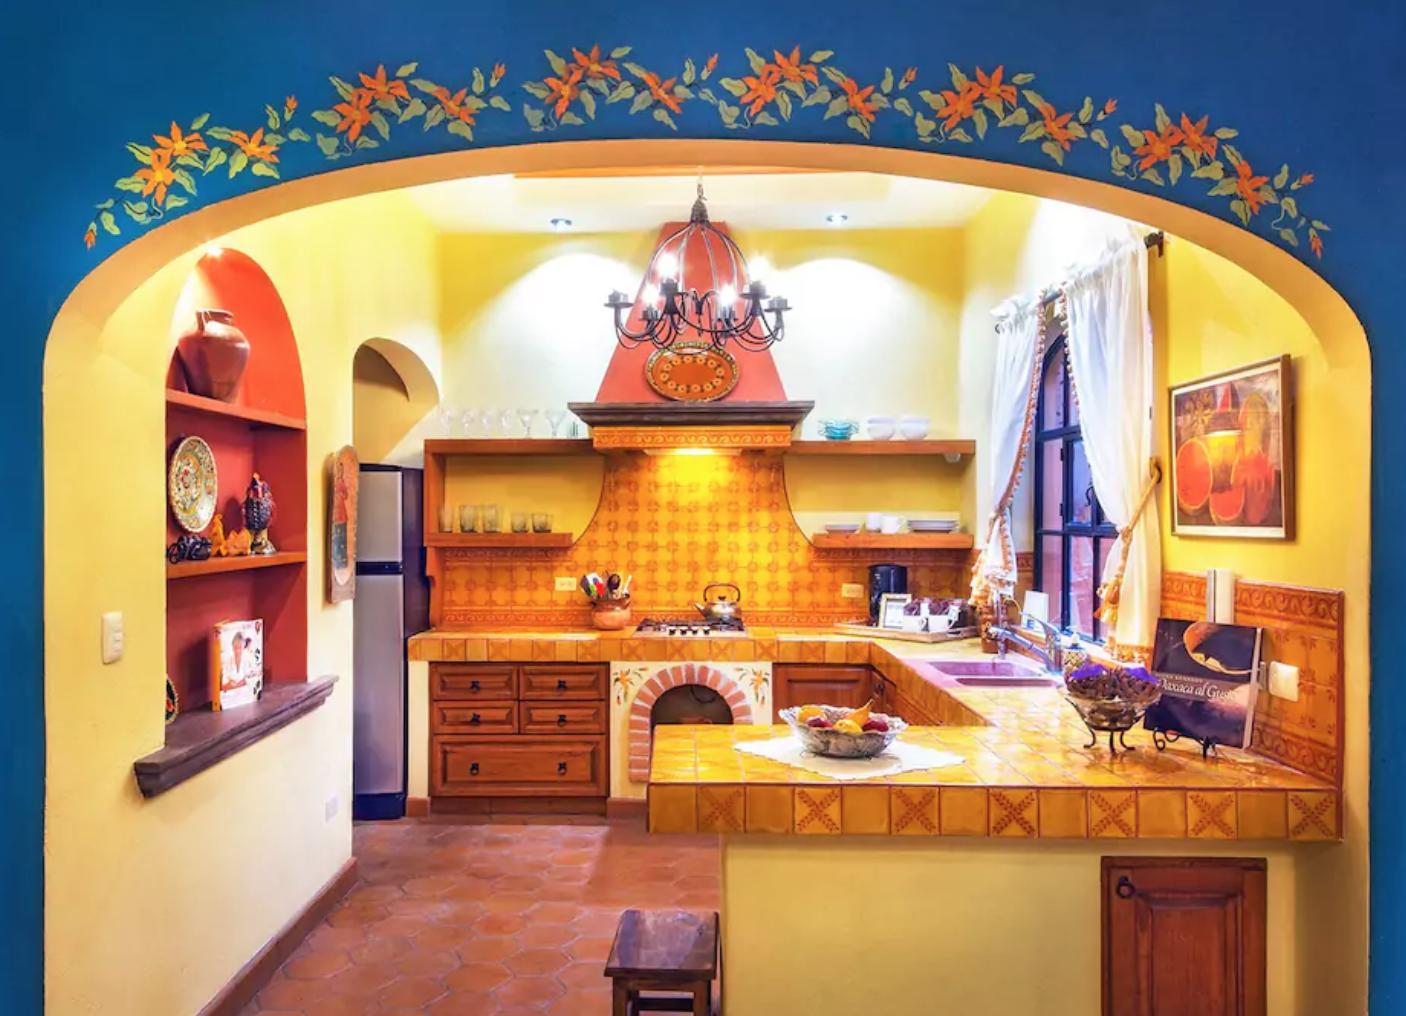 Cocina estilo mexicano con cer mica talavera casas e - Cocinas estilo colonial ...